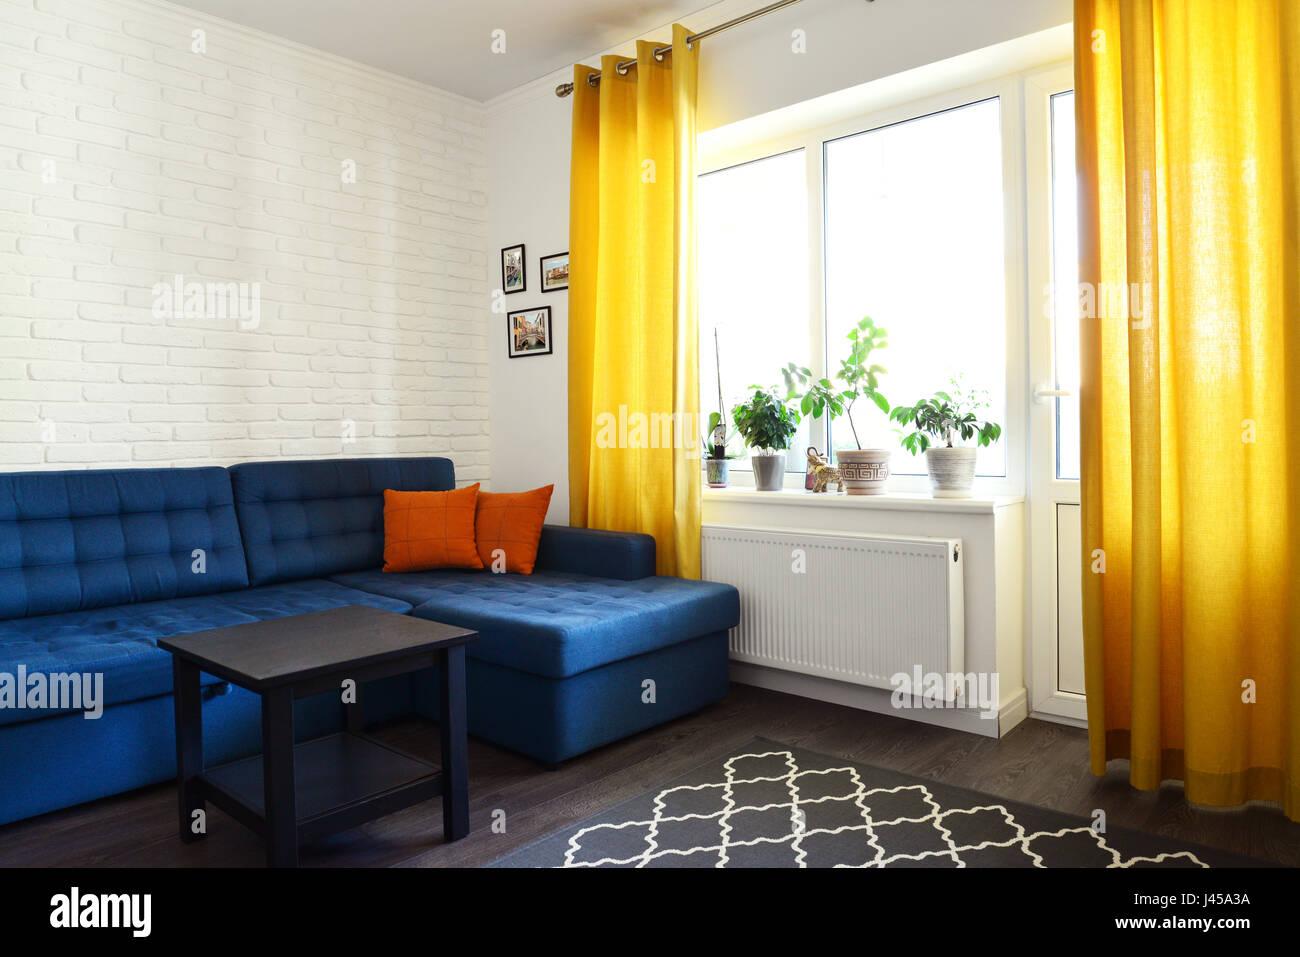 Saubere Familienzimmer Mit Blaue Couch, Weiße Ziegel Wand Und Gelbe Vorhänge.  Interior Design Konzept.